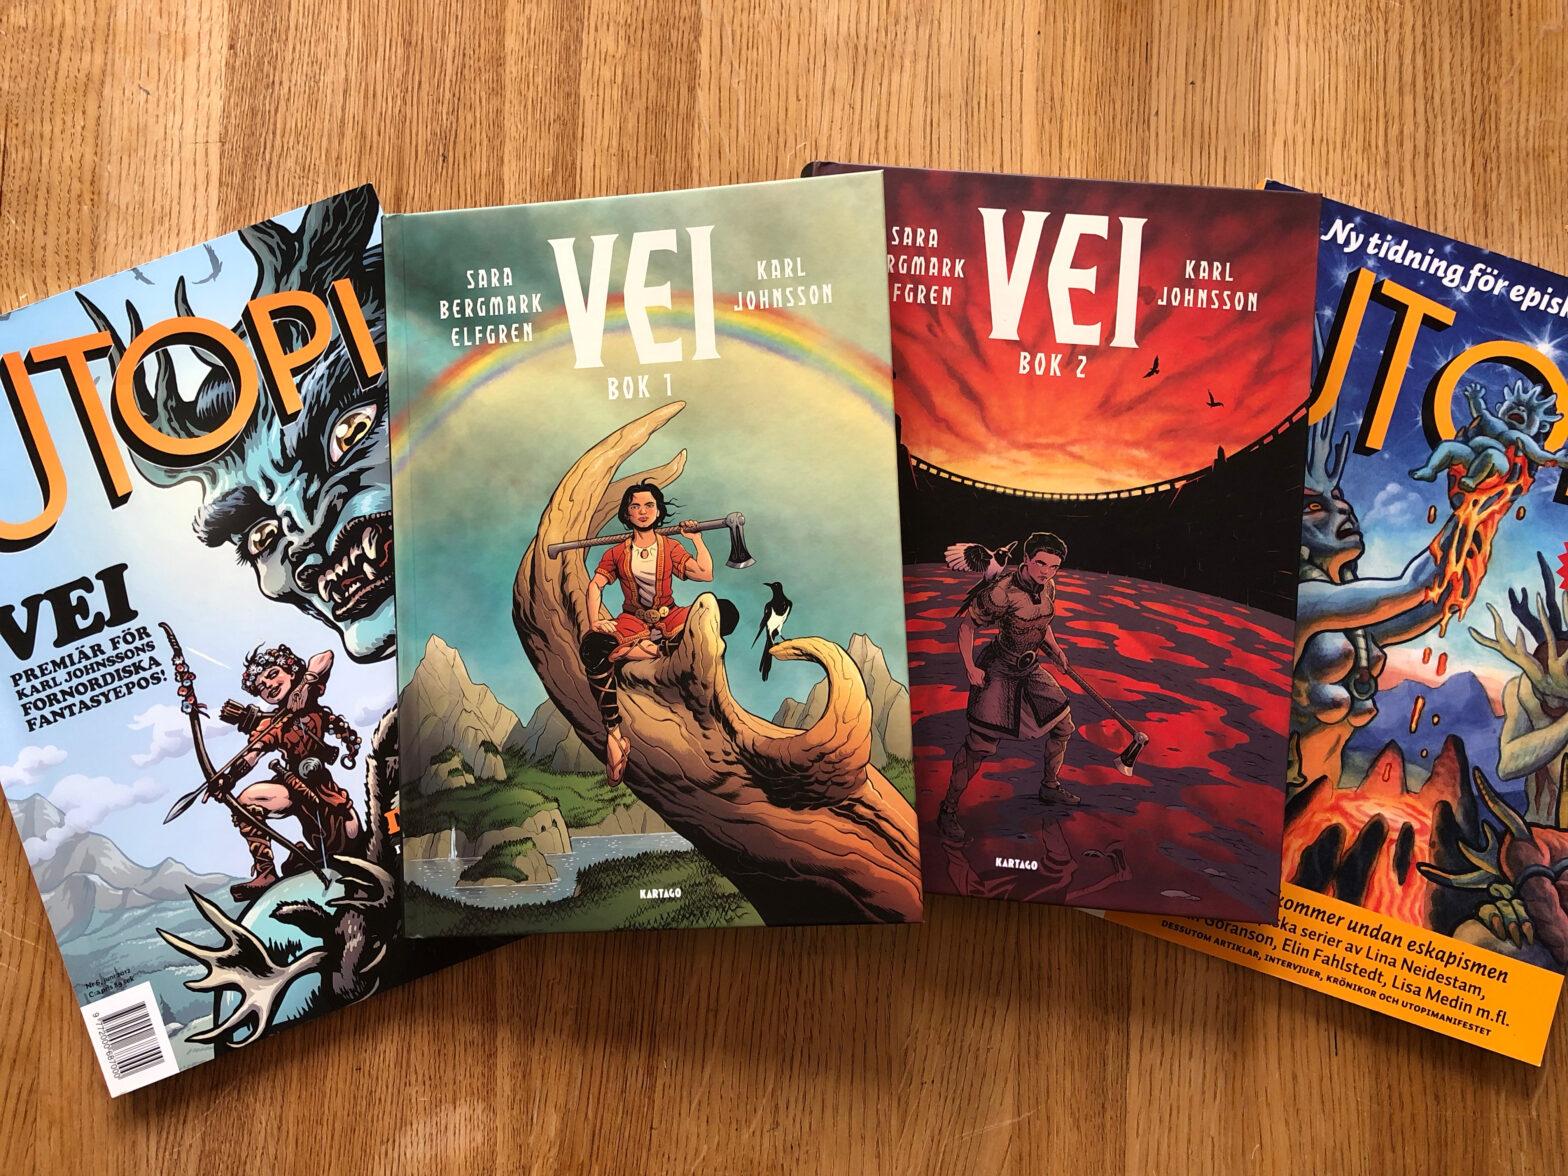 Efter sju år finns äntligen hela Vei-berättelsen samlad.